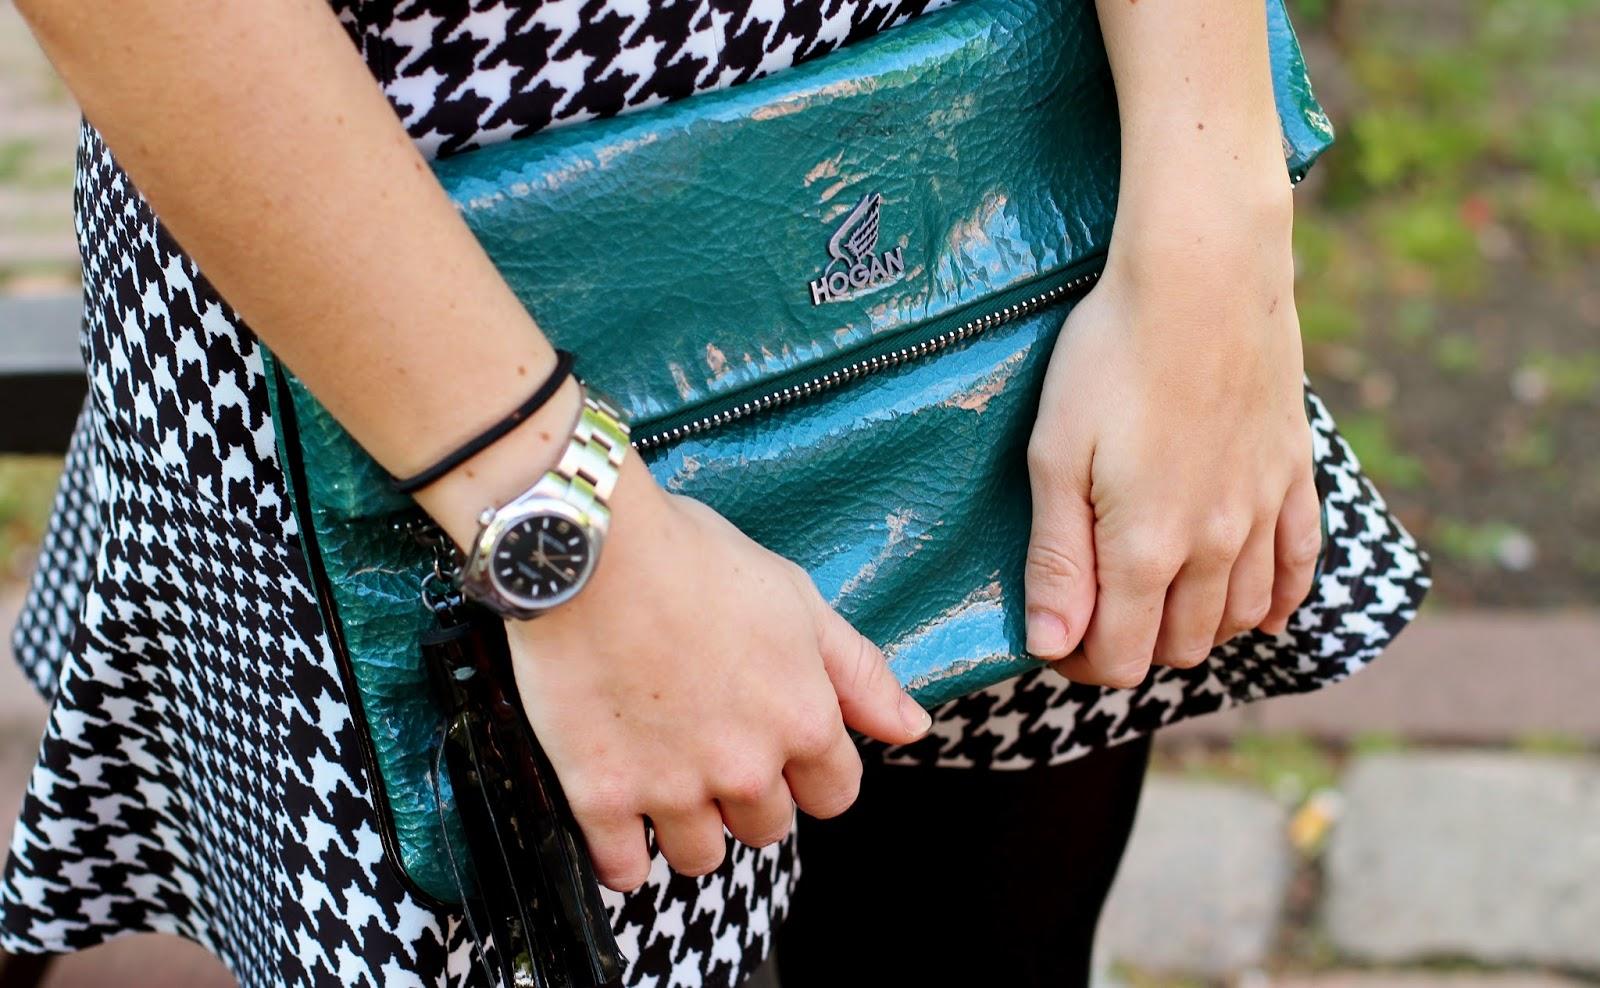 fashion_details-francesca_castellano_hogan_rolex_swatch